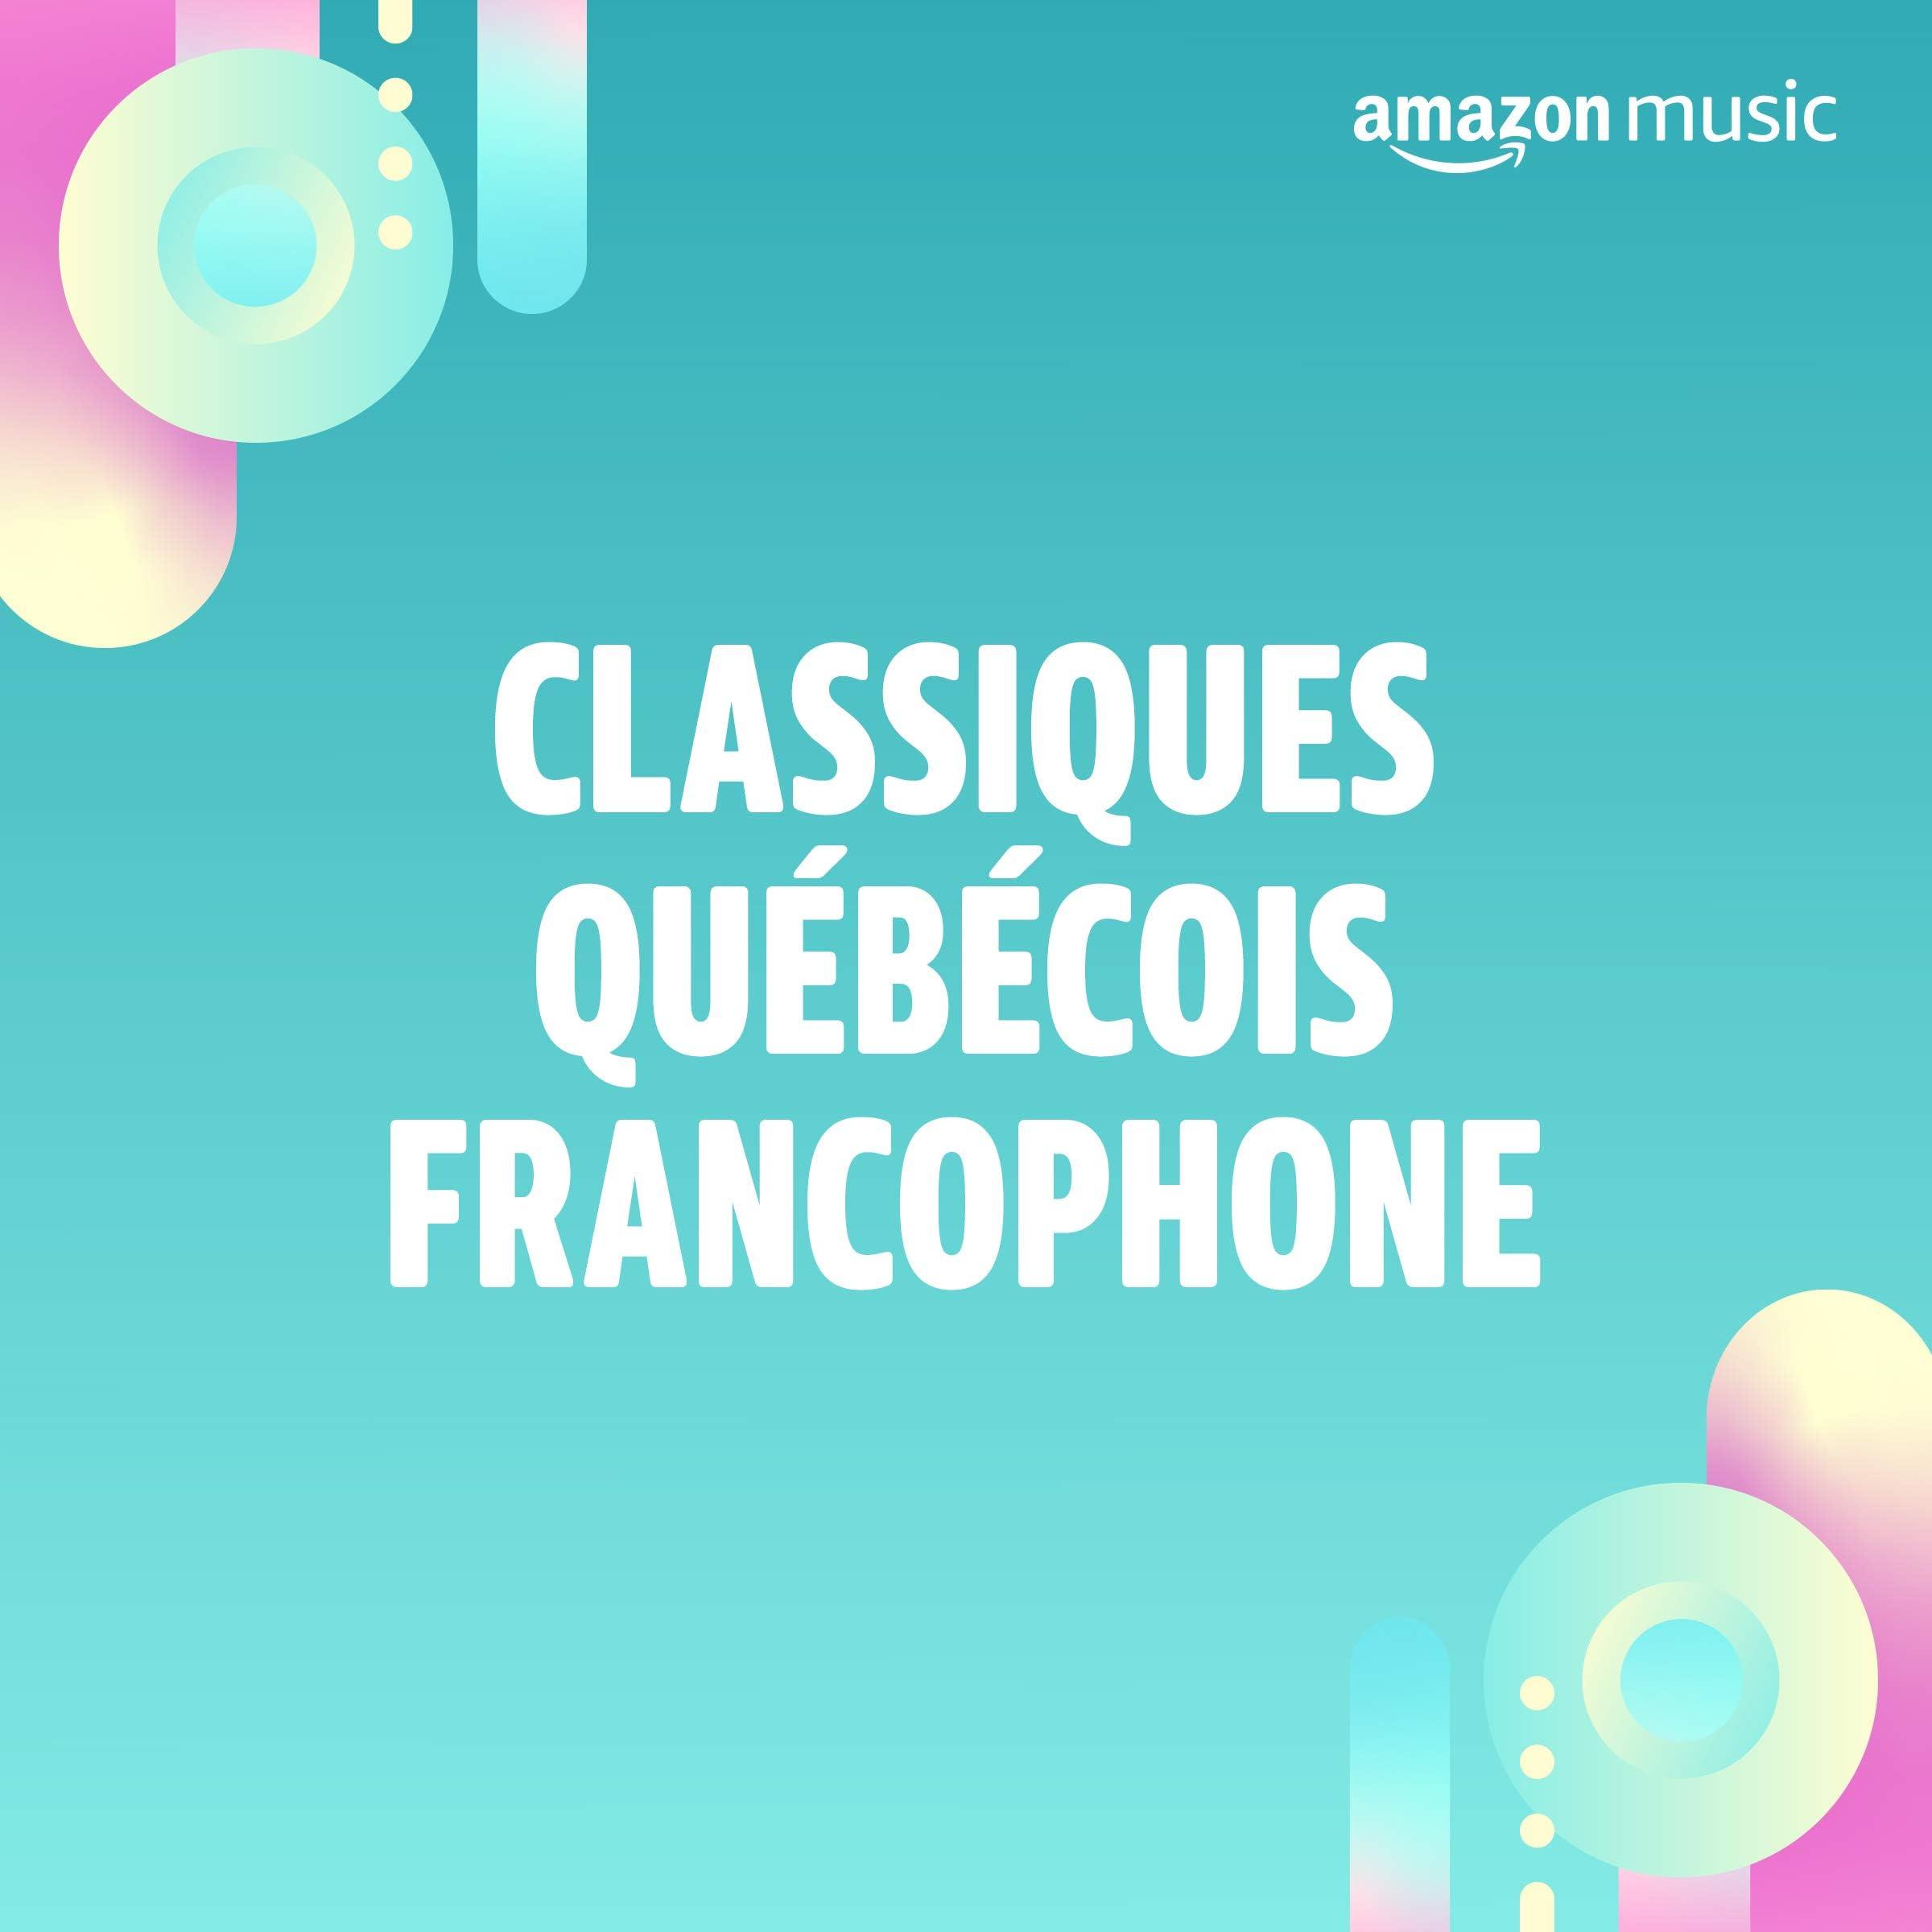 Classiques Québécois Francophone